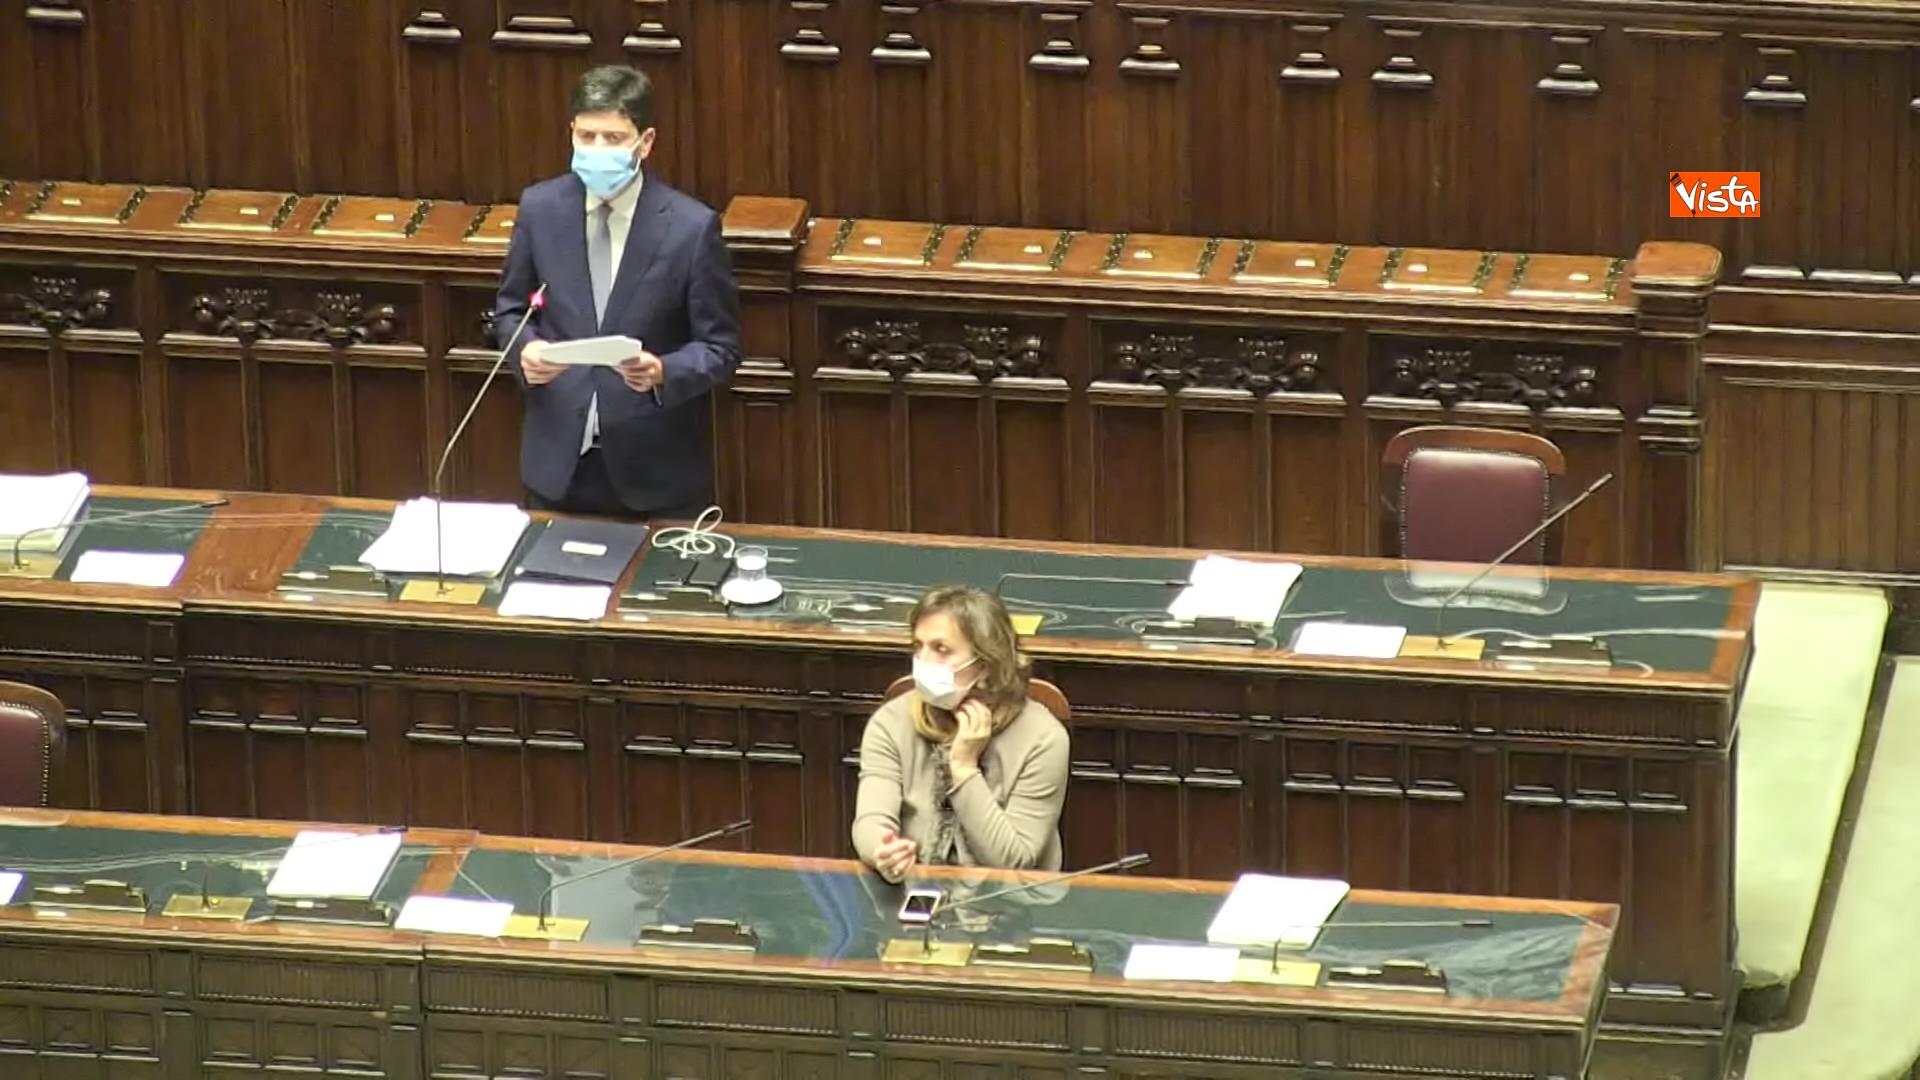 02-12-20 Il ministro Speranza riferisce alla Camera su piano vaccini e nuovo Dpcm, le foto_06